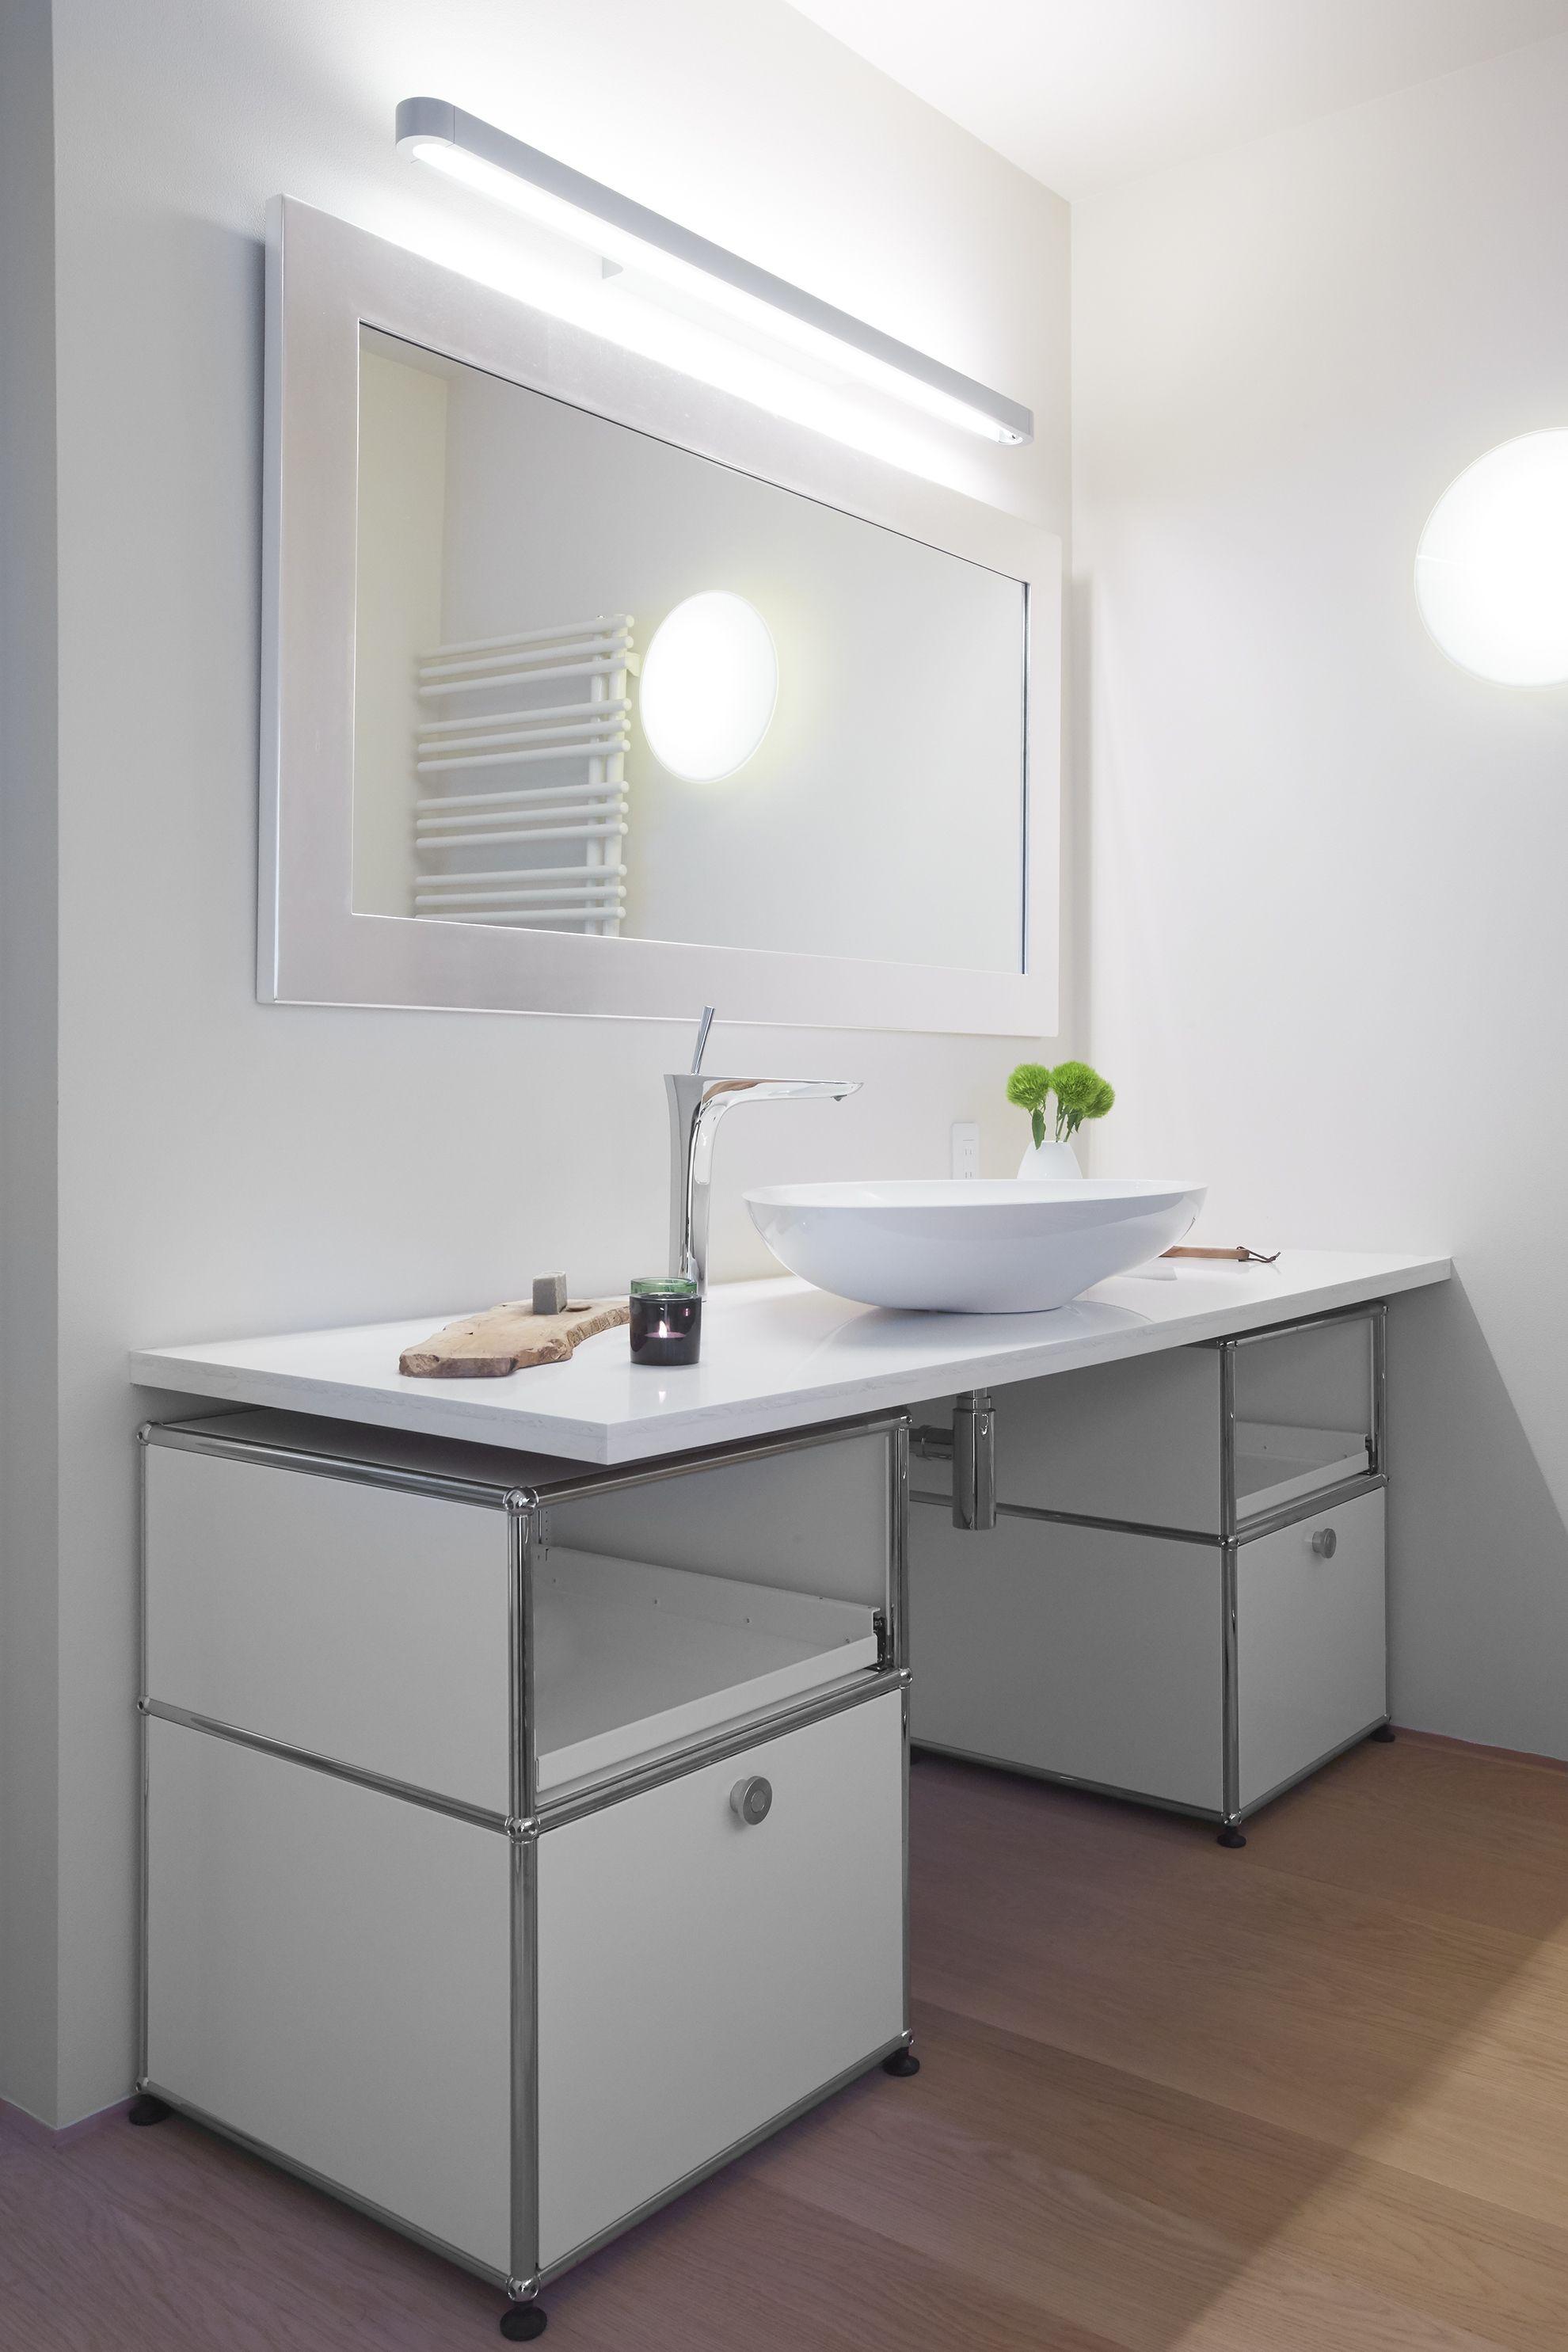 Rangement sous vasque de salle de bain - Design USM Haller - coloris ...